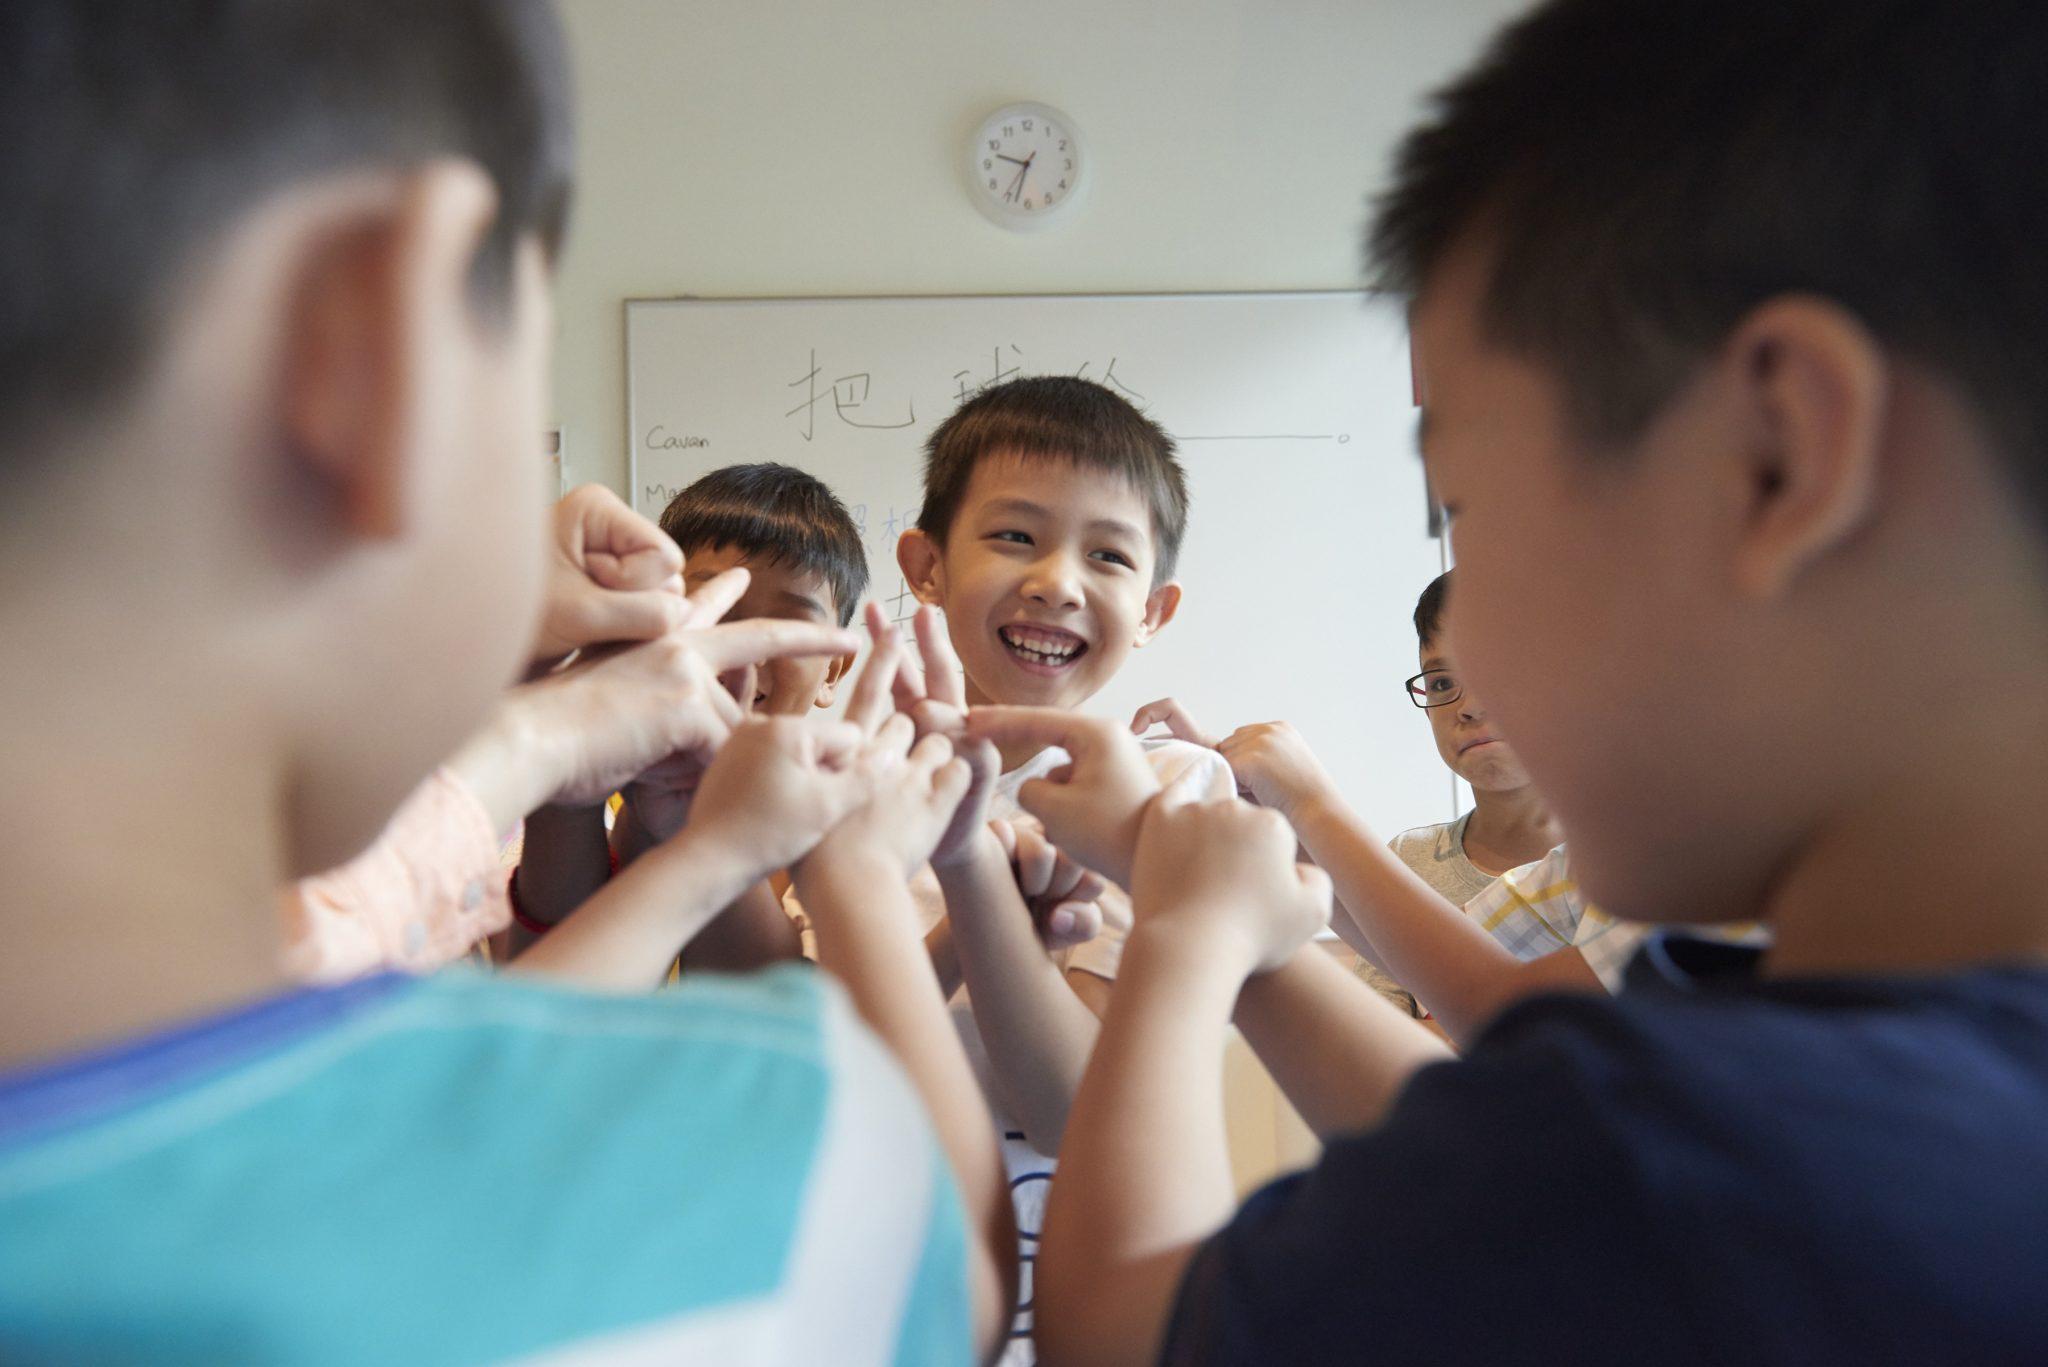 Chinese playgroup